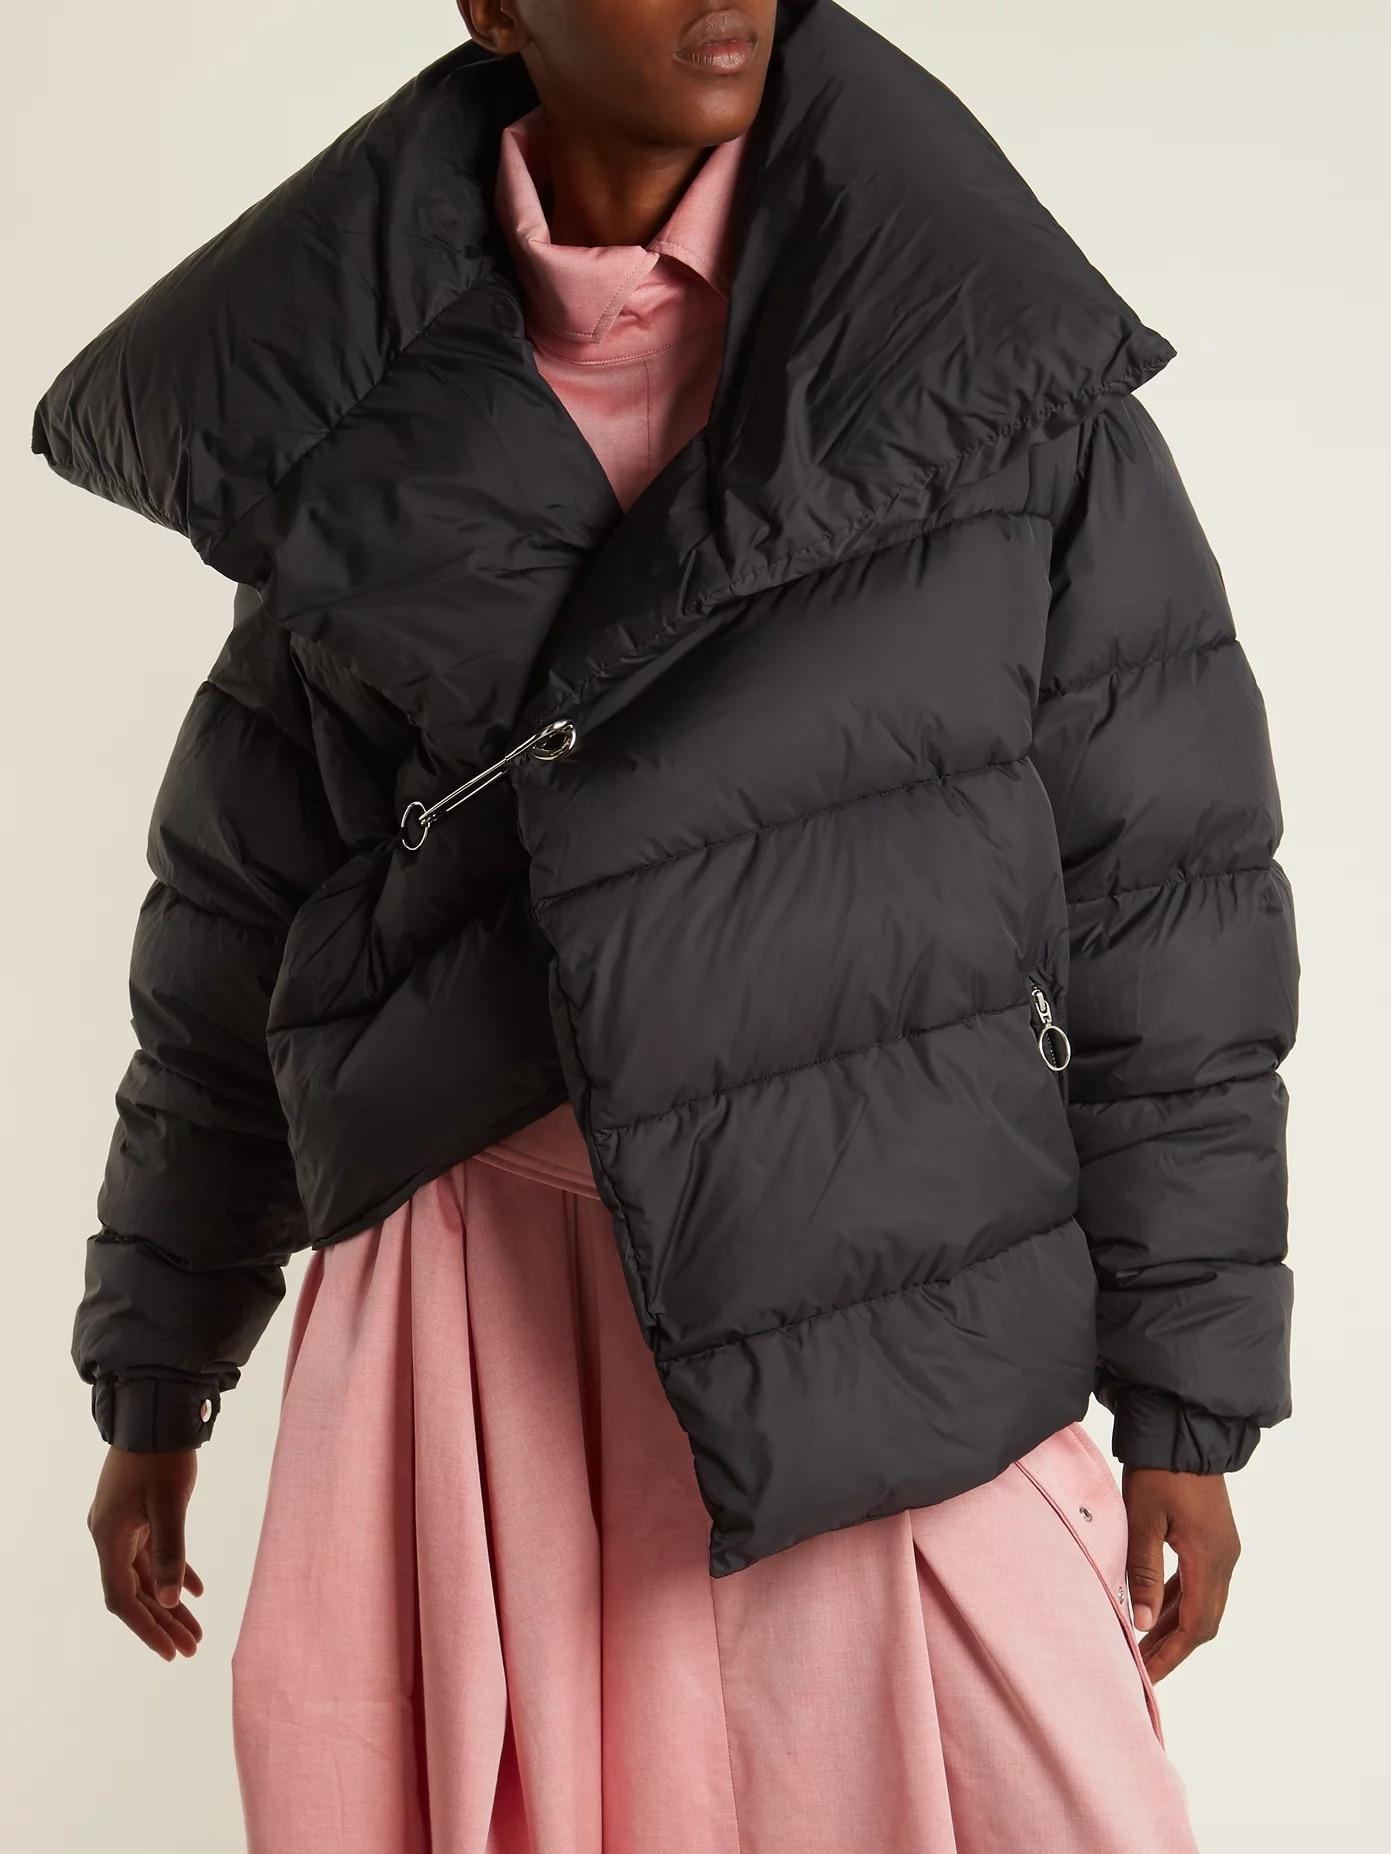 Puffy Fahion Irrégulière Aucun Manteau Automne Rembourré Court Noir Coton Survêtement Pardessus Slim Hight 2019 Chaud Bouton Qualité Hiver nw7Sqpxf0